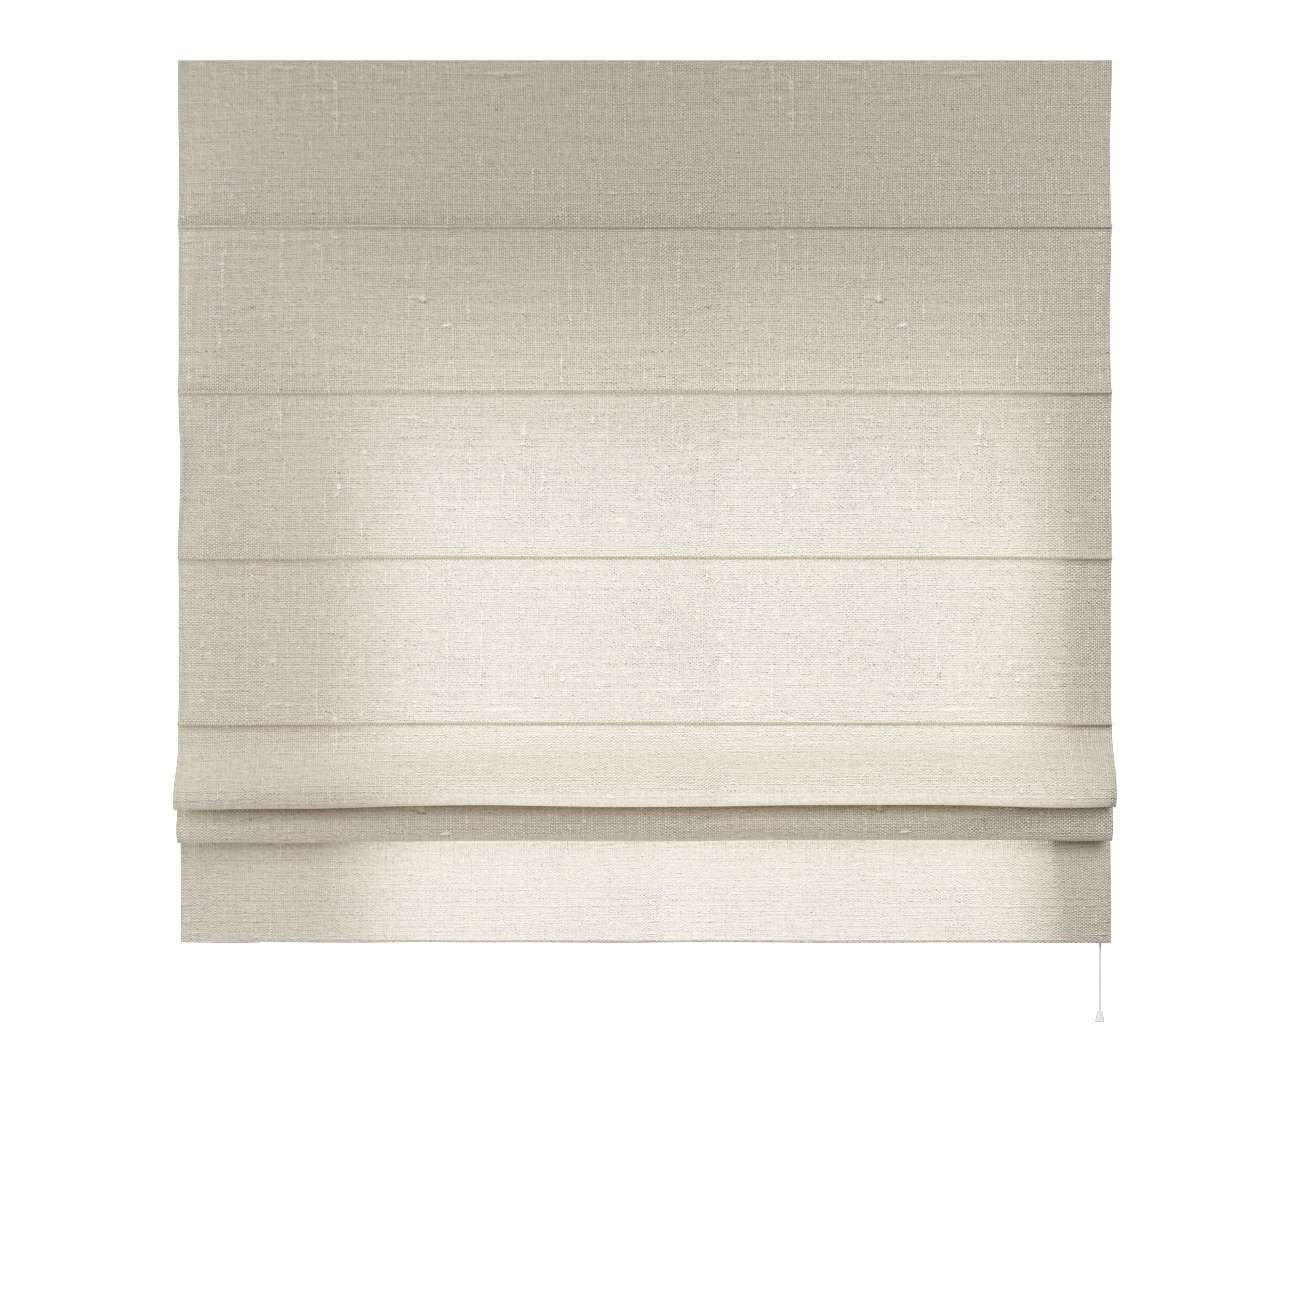 Raffrollo Padva 80 x 170 cm von der Kollektion Leinen, Stoff: 392-05